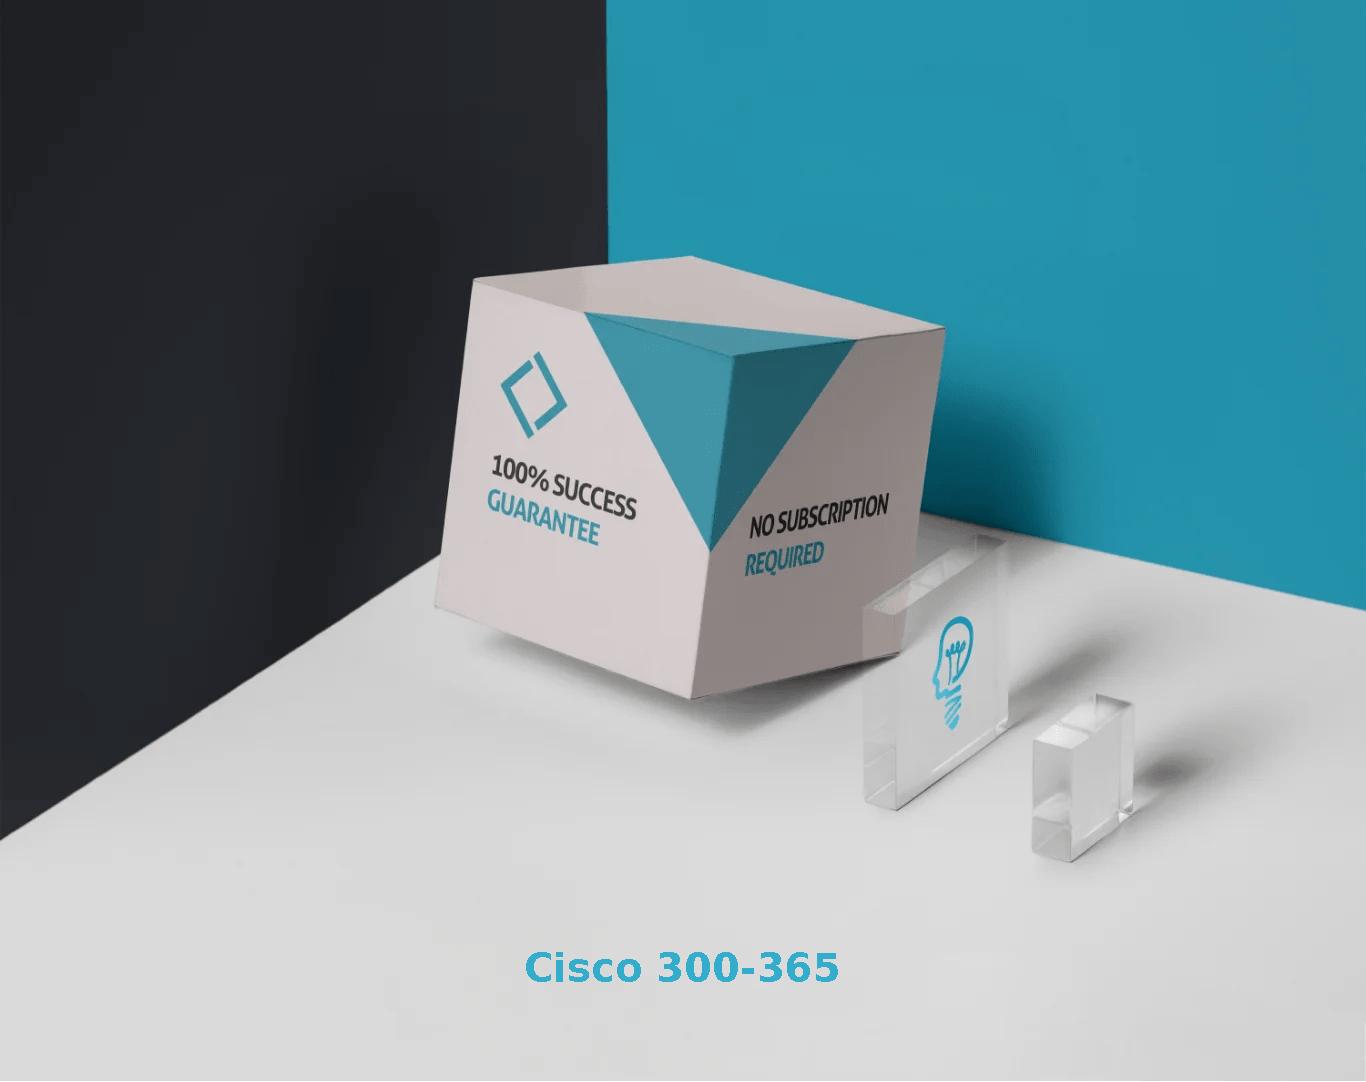 Cisco 300-365 Exams